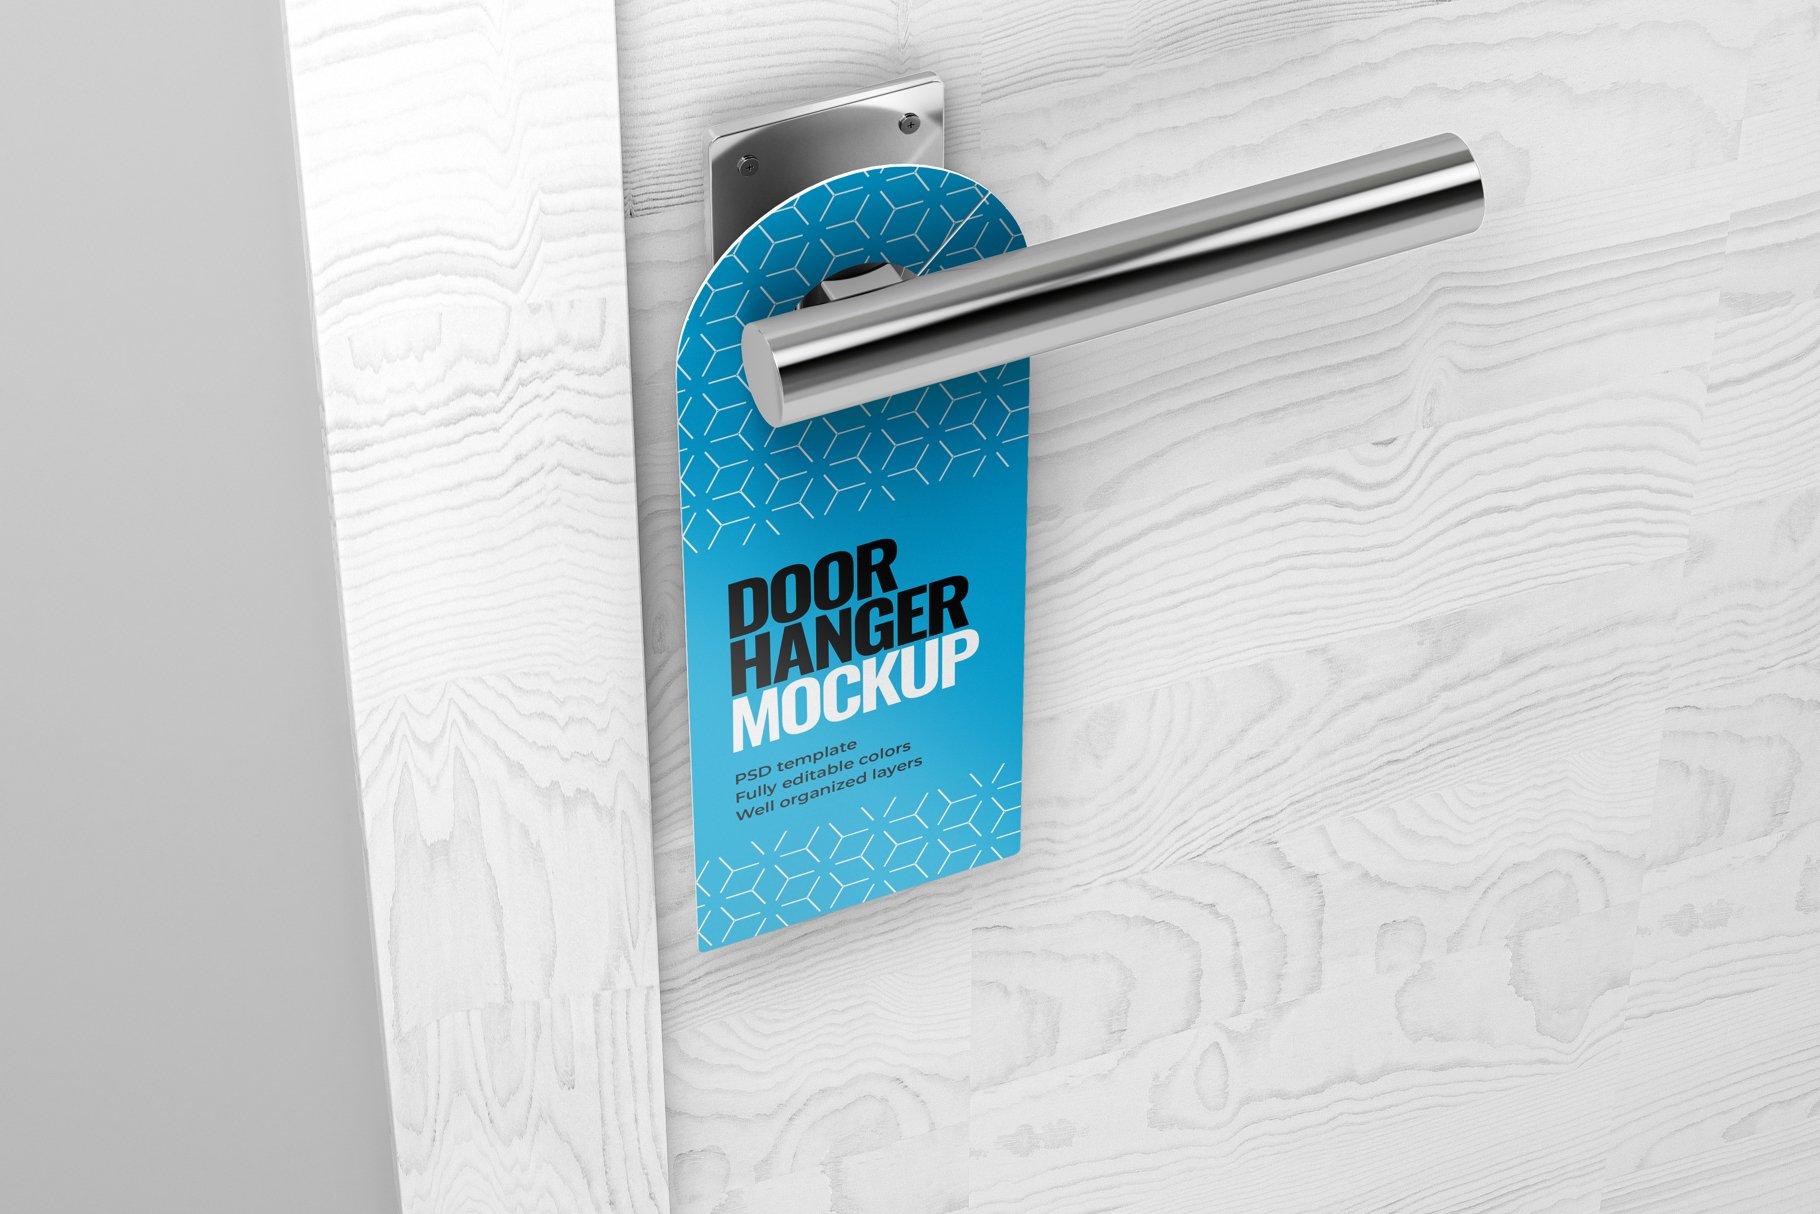 酒店门把手吊牌设计展示样机模板 Door Hanger Mockup Set插图(4)